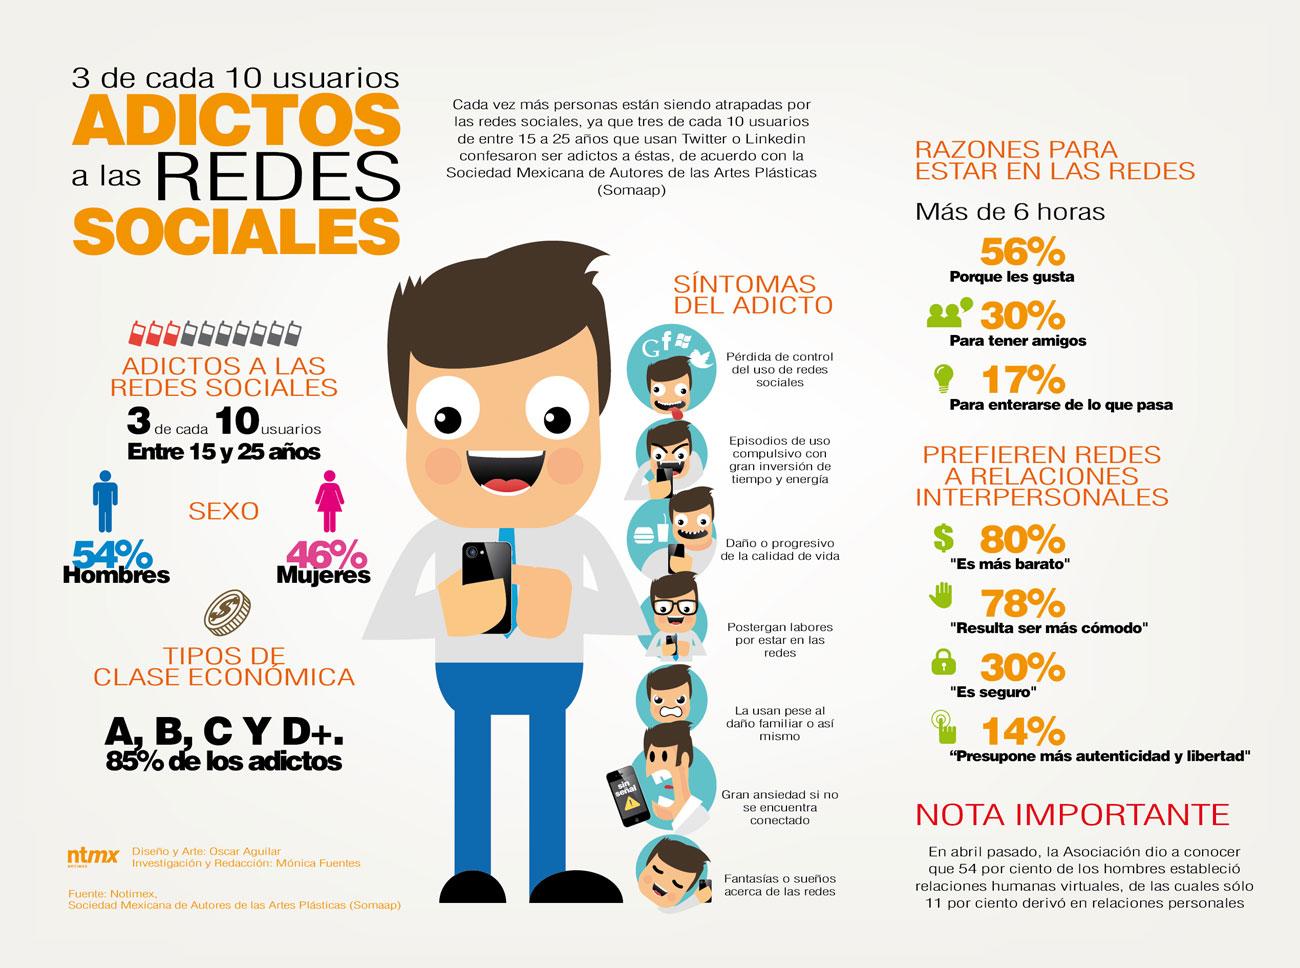 infografia-adictos-a-las-redes1-pymescentral